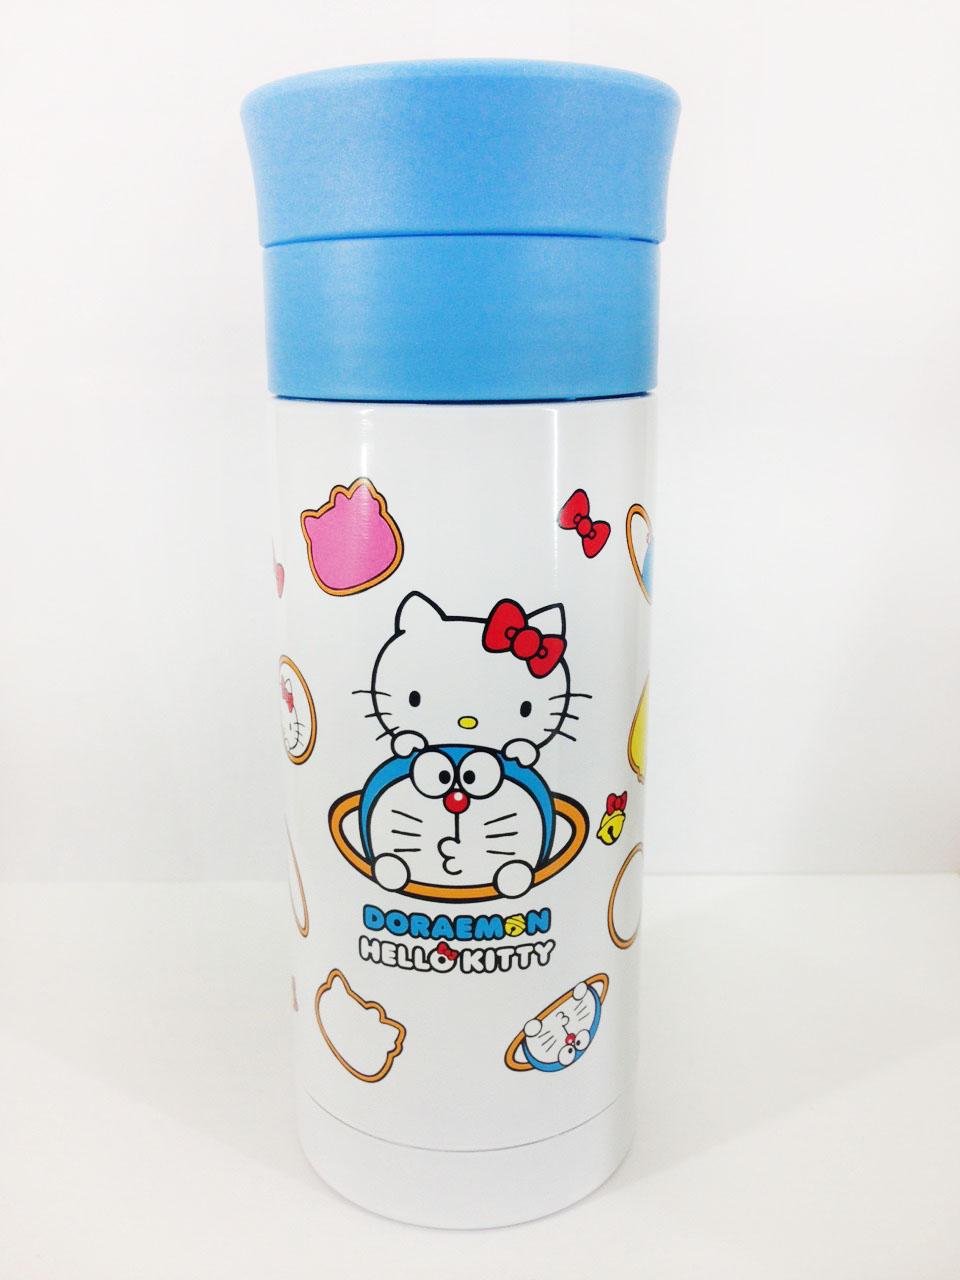 【真愛日本】16022500007KT*DM不銹鋼瓶-藍蓋  三麗鷗 Hello Kitty 凱蒂貓 不鏽鋼 保溫瓶 景品  限量